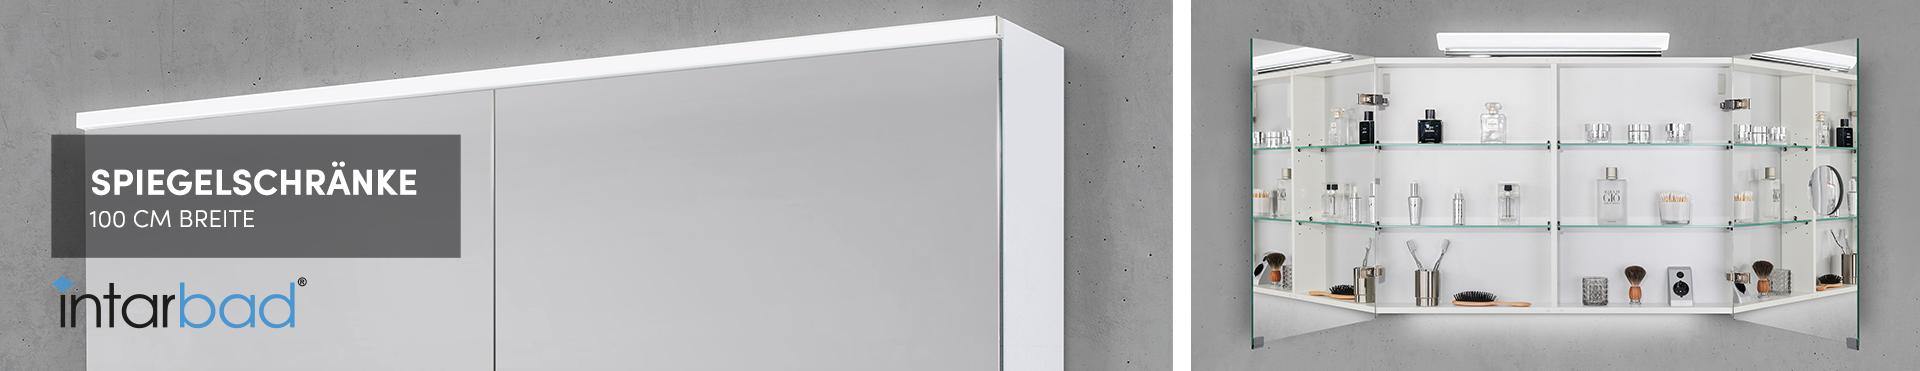 100 cm Spiegelschränke